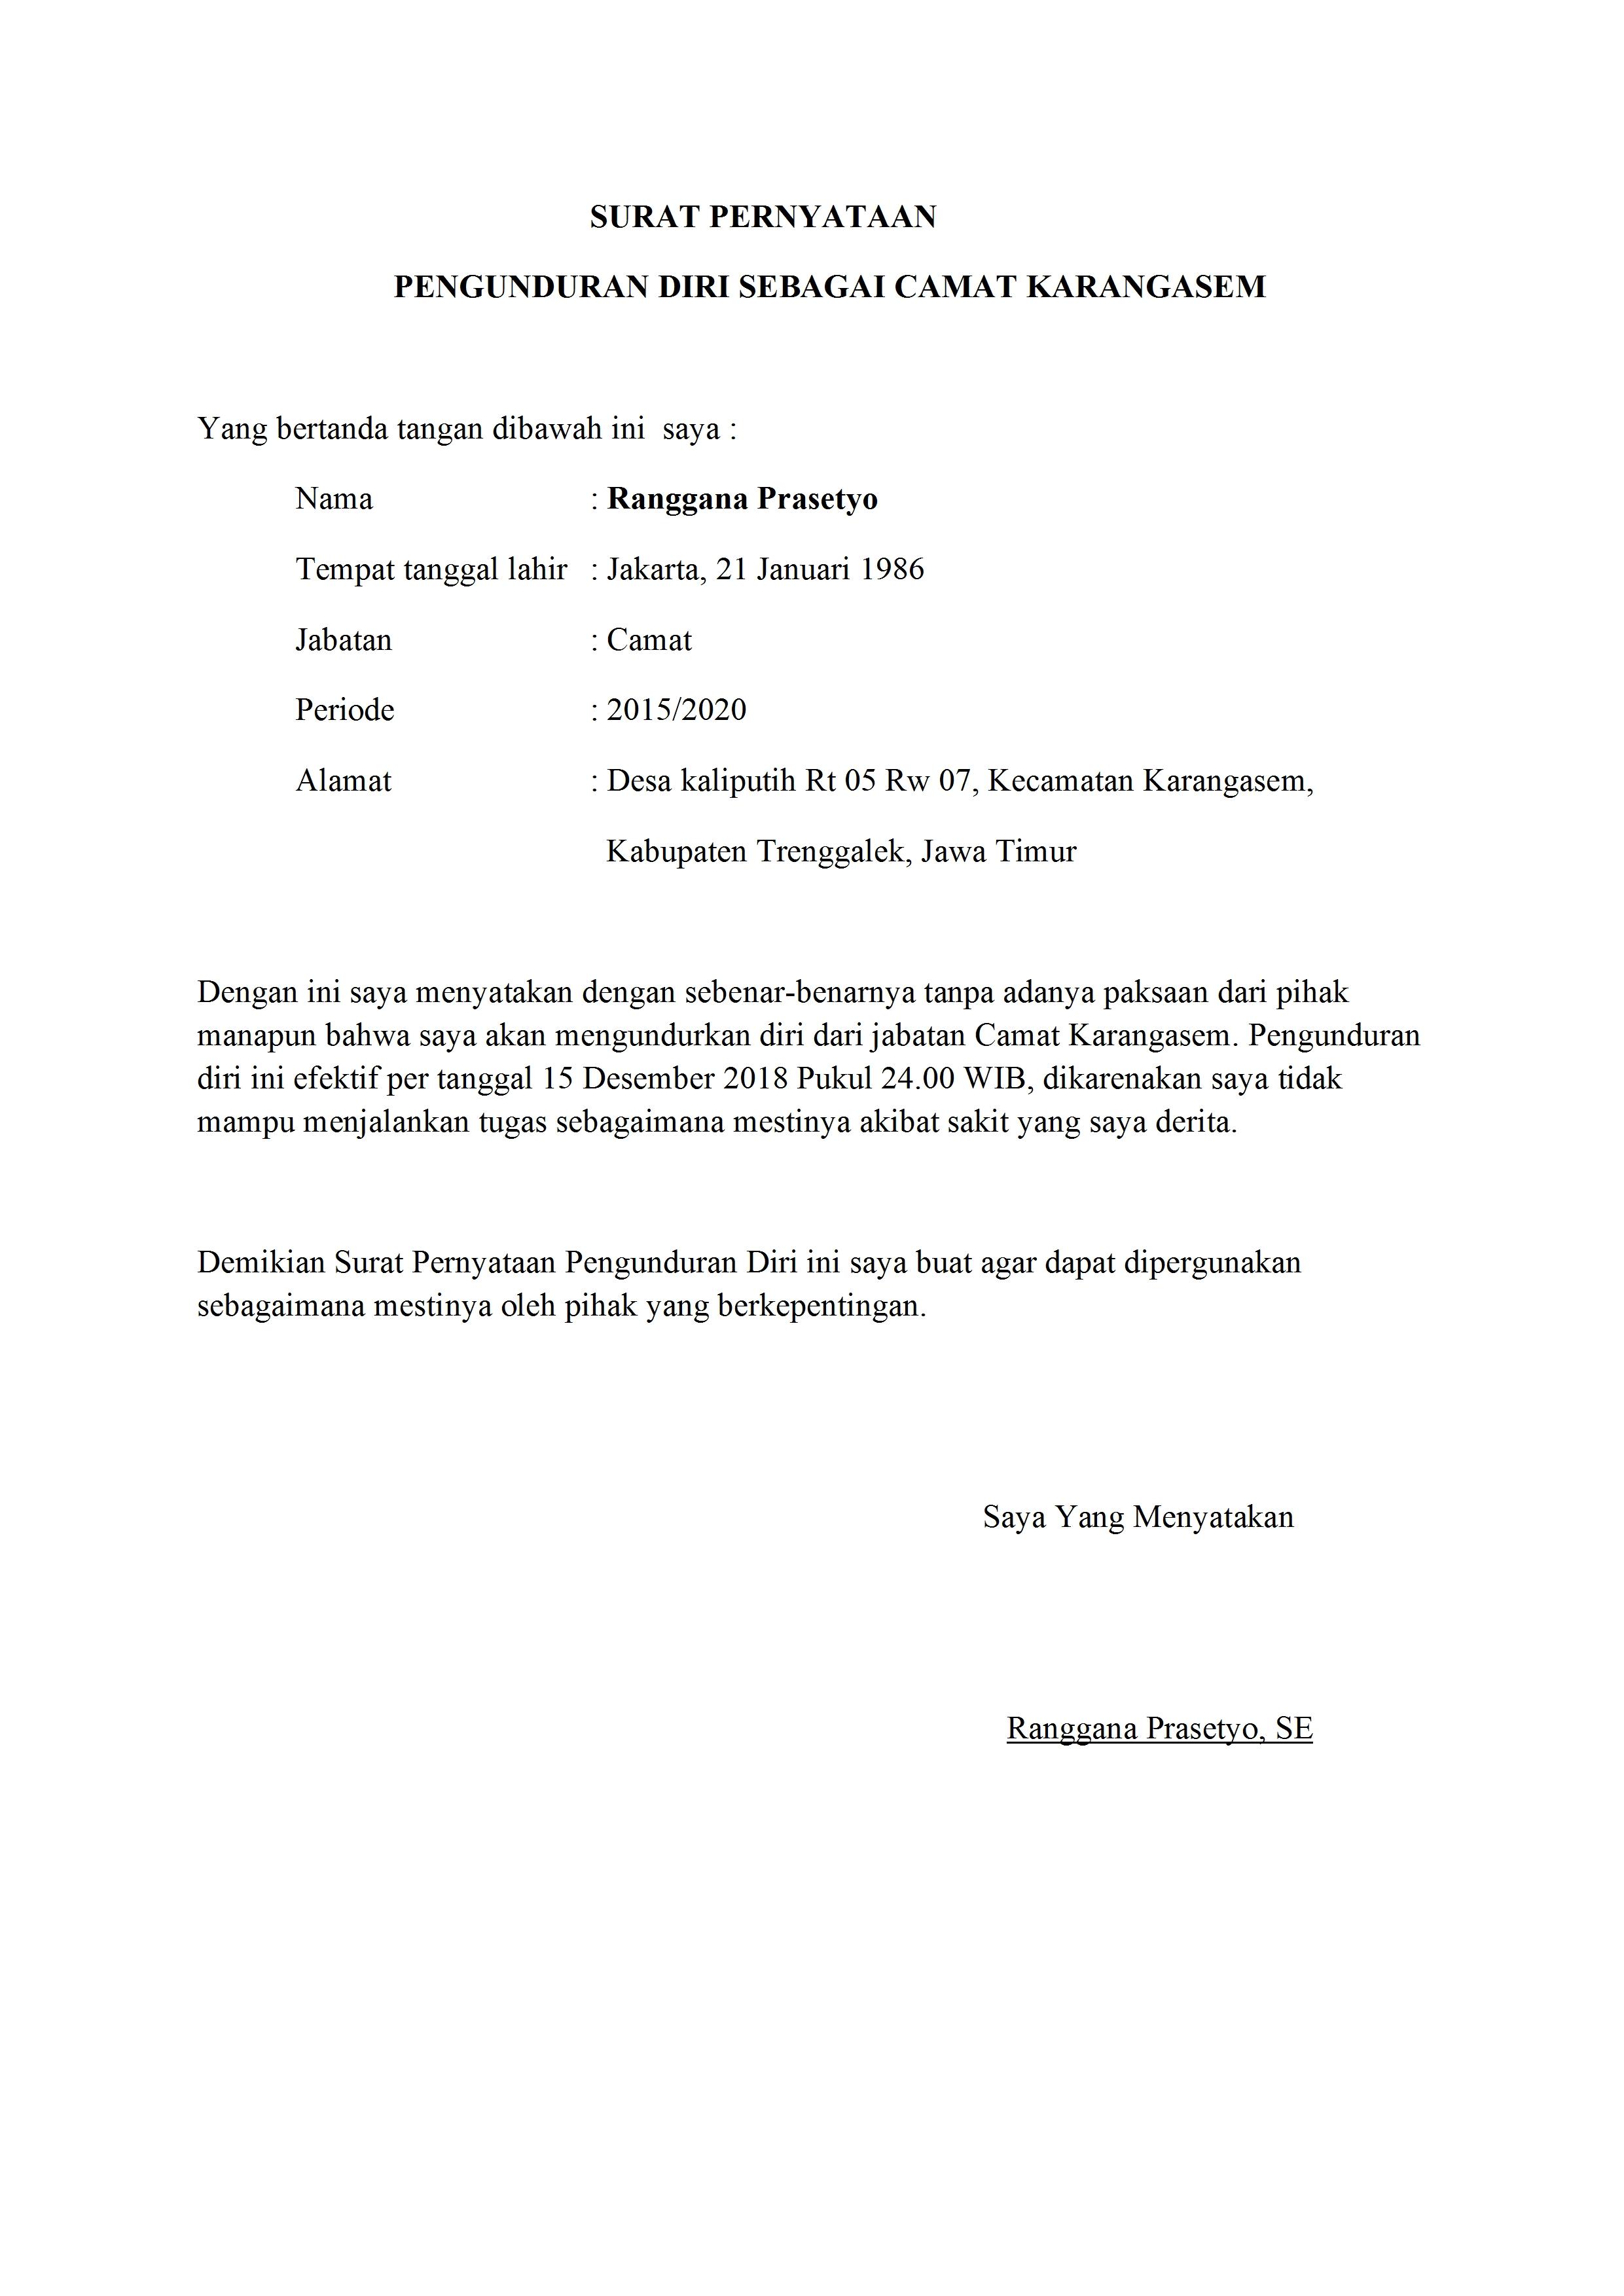 Contoh Surat Pengunduran Diri Dari Jabatan Pemerintahan Yang Baik Dan Benar Detiklife